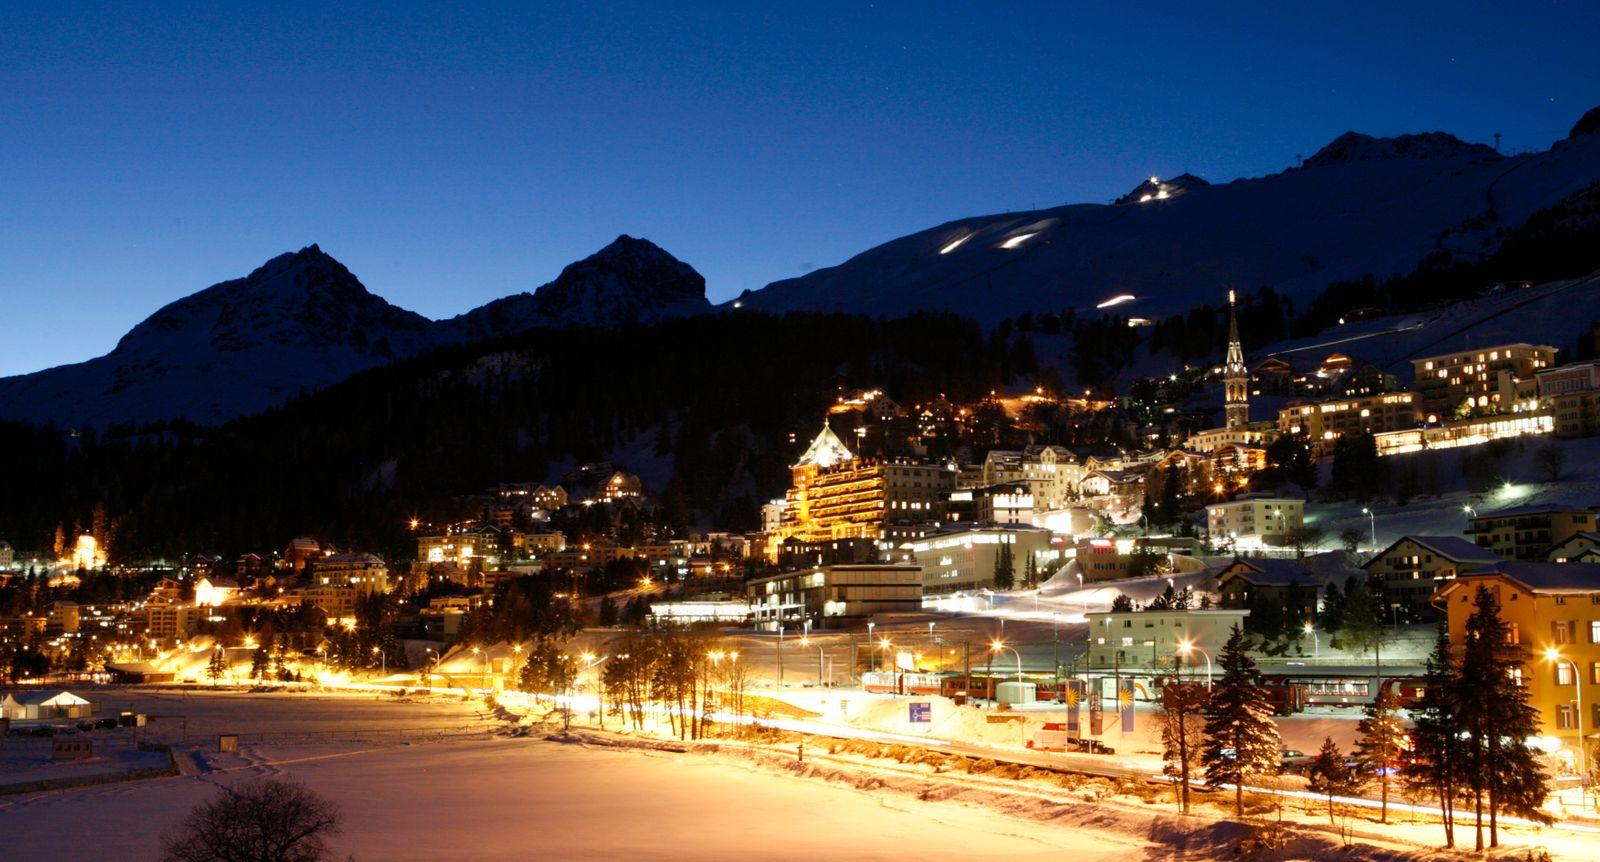 Schweiz / St. Moritz bei Nacht mit Schnee